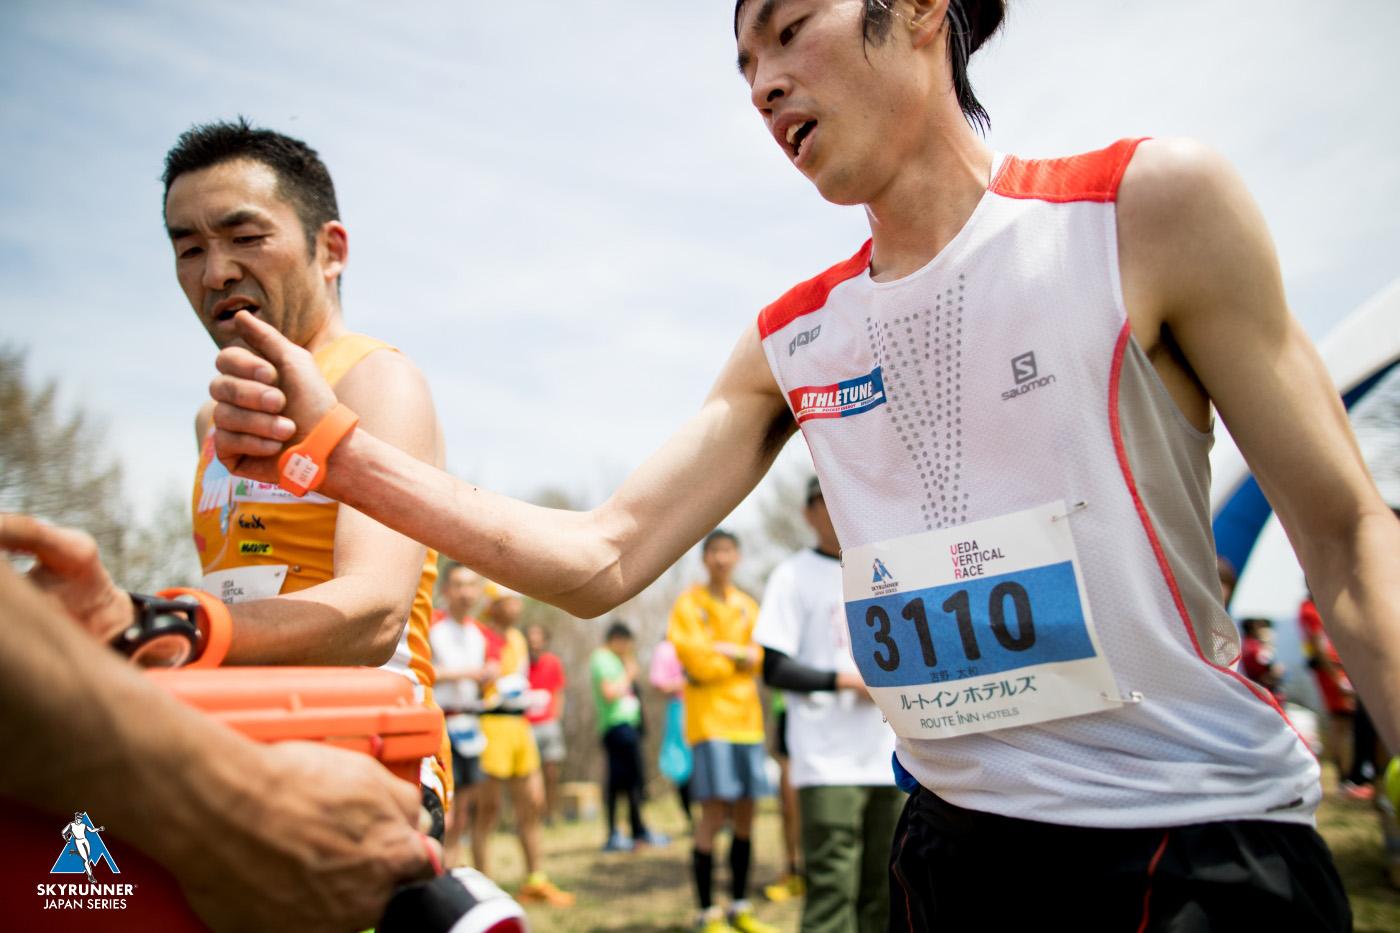 吉野大和はユース世代のエースとして大活躍したシーズンとなった 🄫UEDA VERTICAL RACE